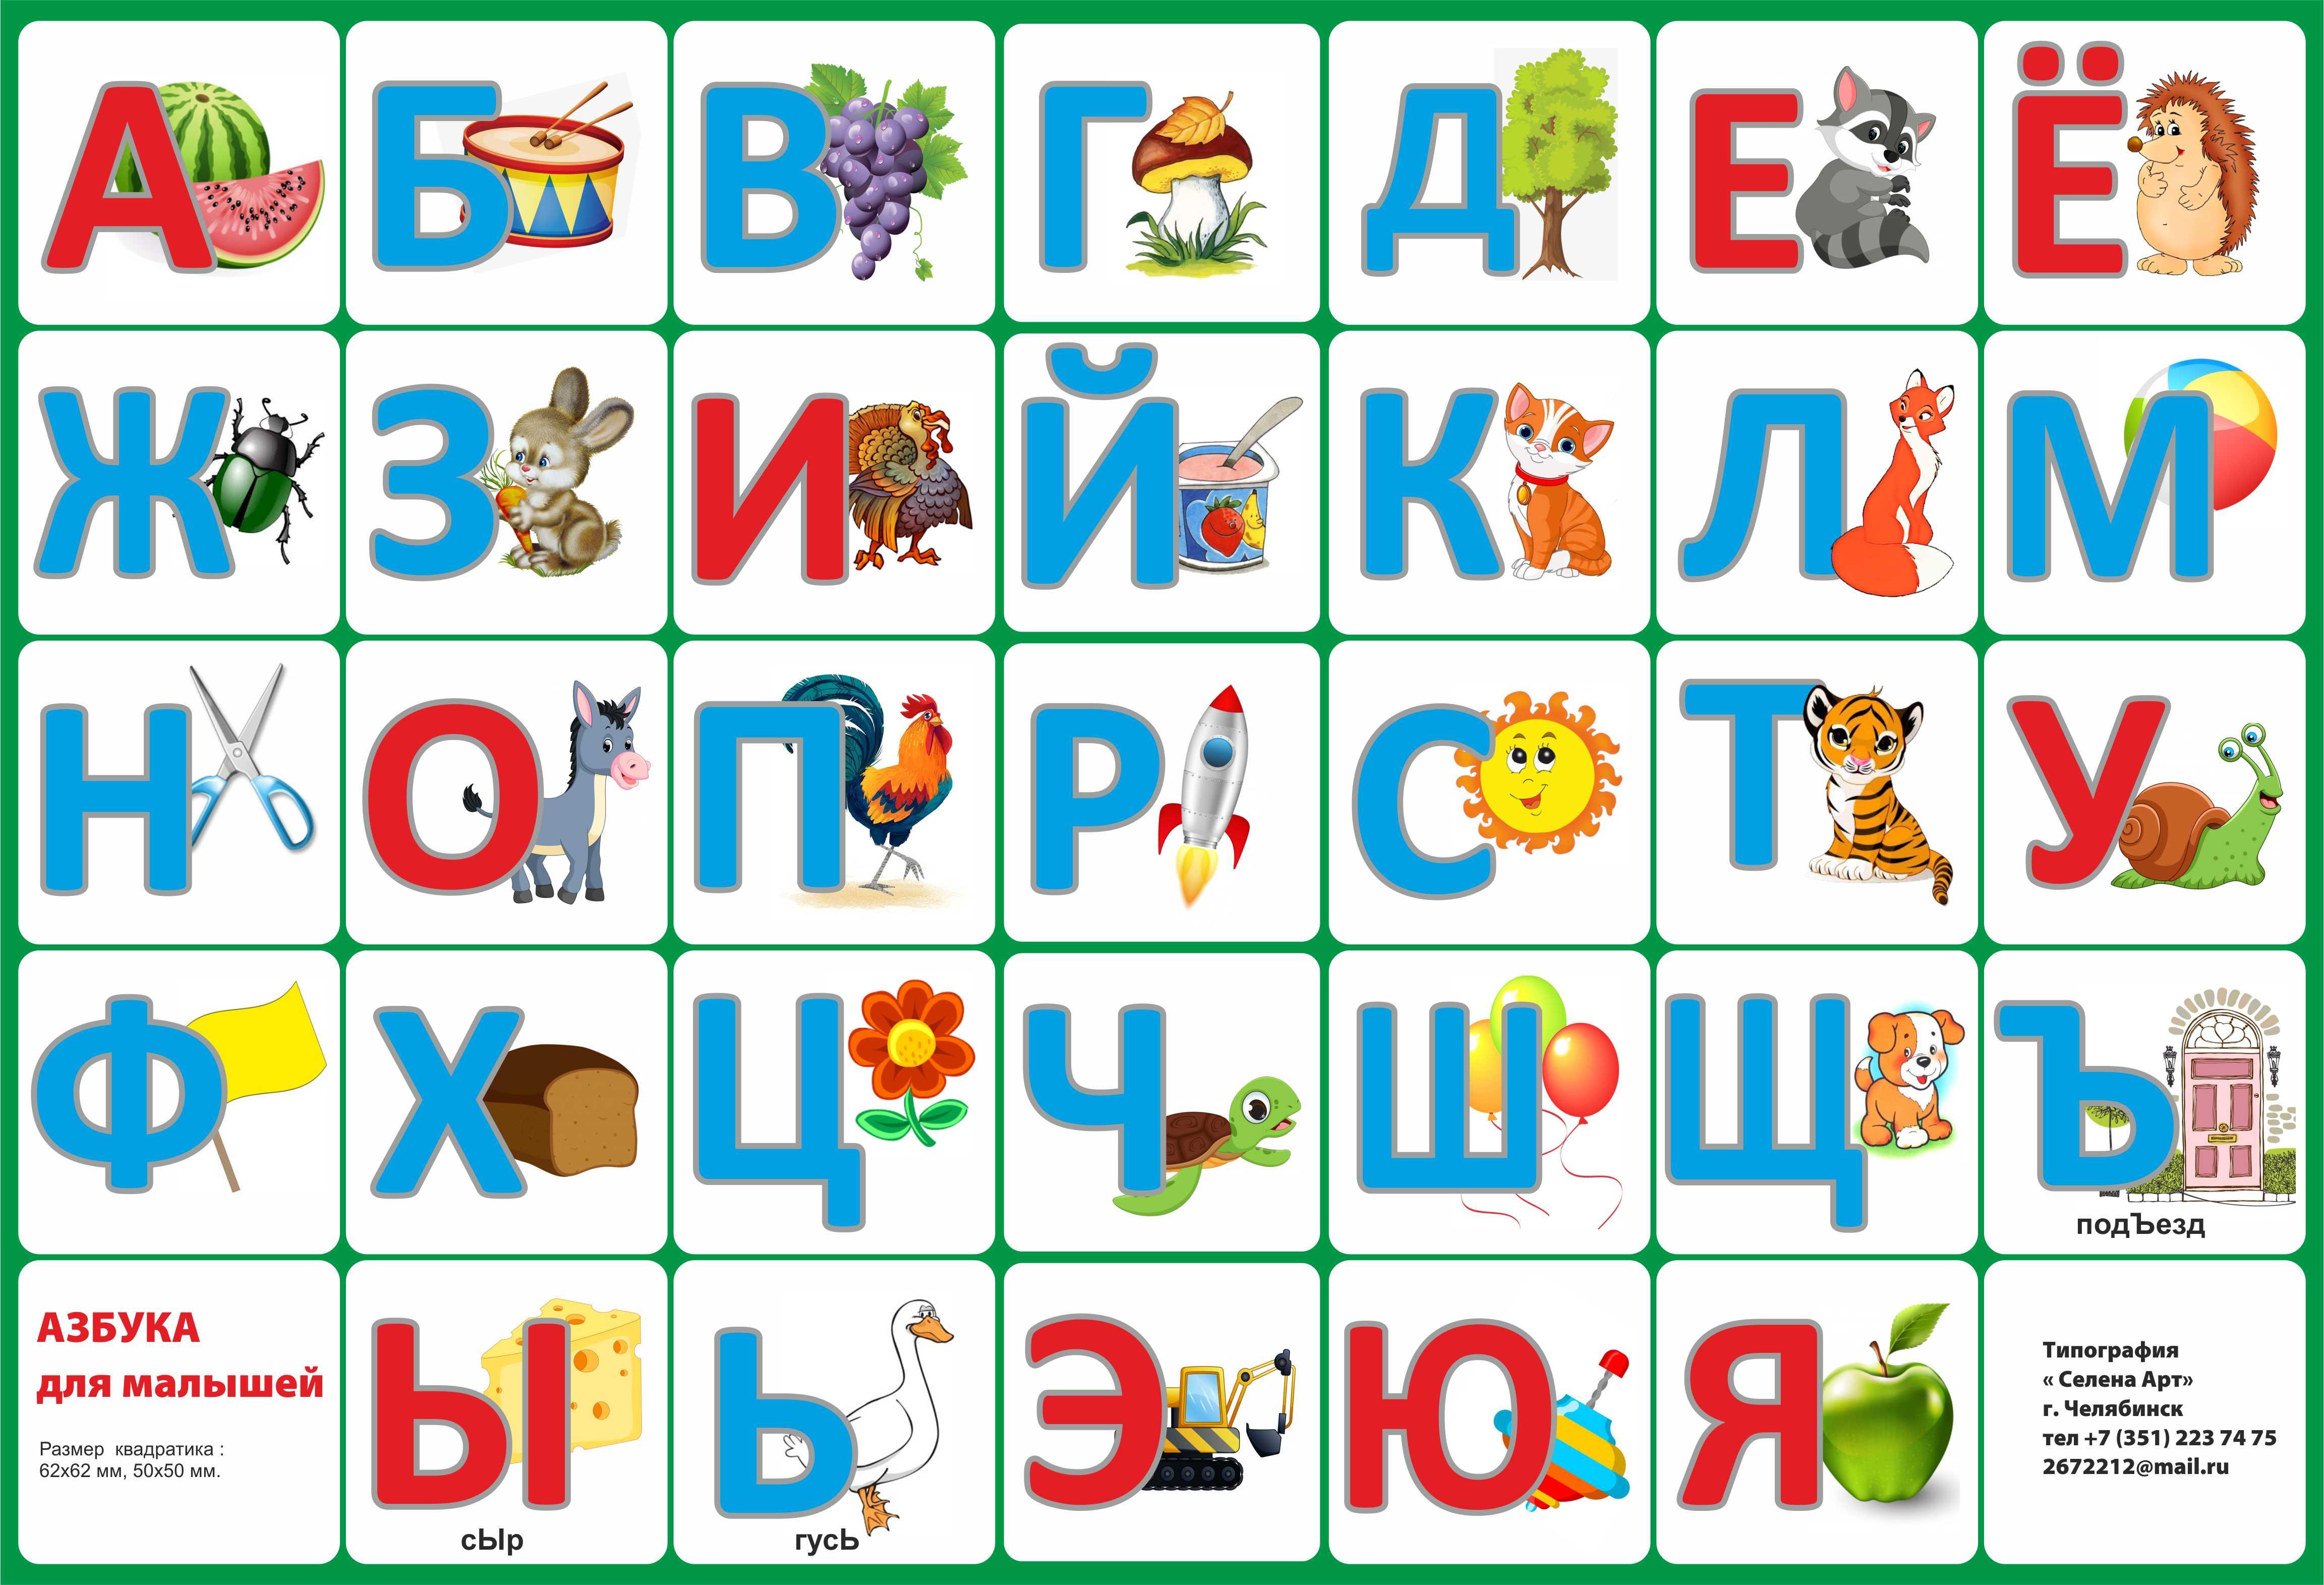 тебе приложение азбука с картинками все будет радость